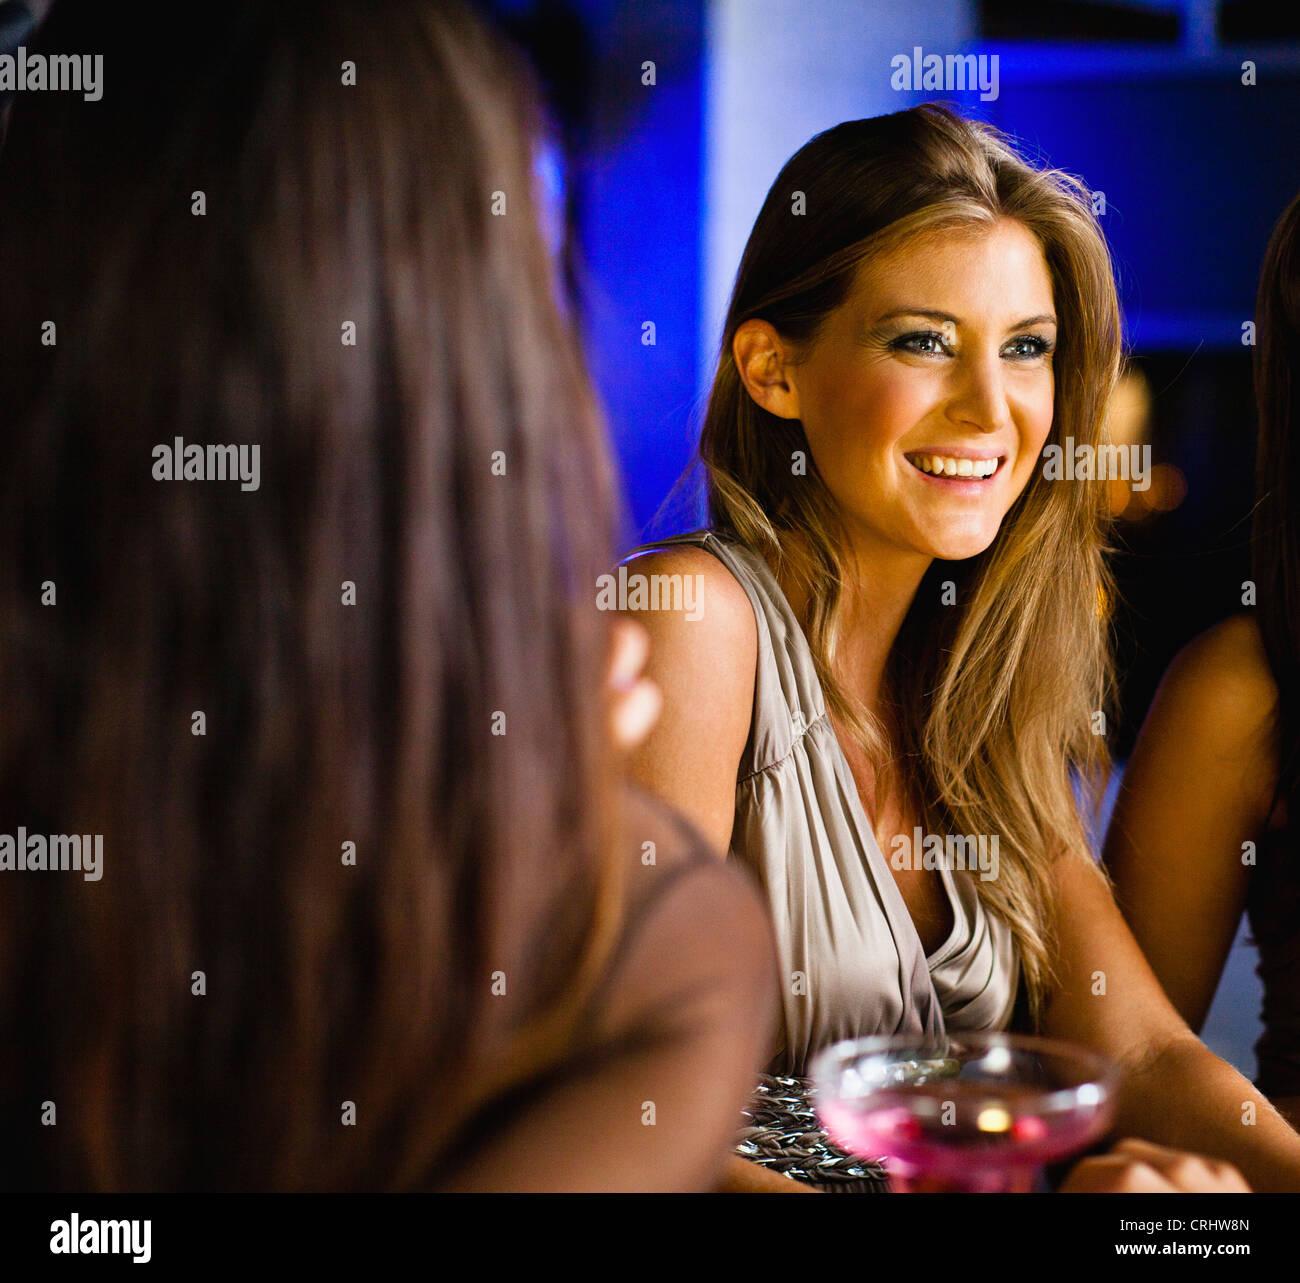 Las mujeres tener bebidas junto al bar Foto de stock